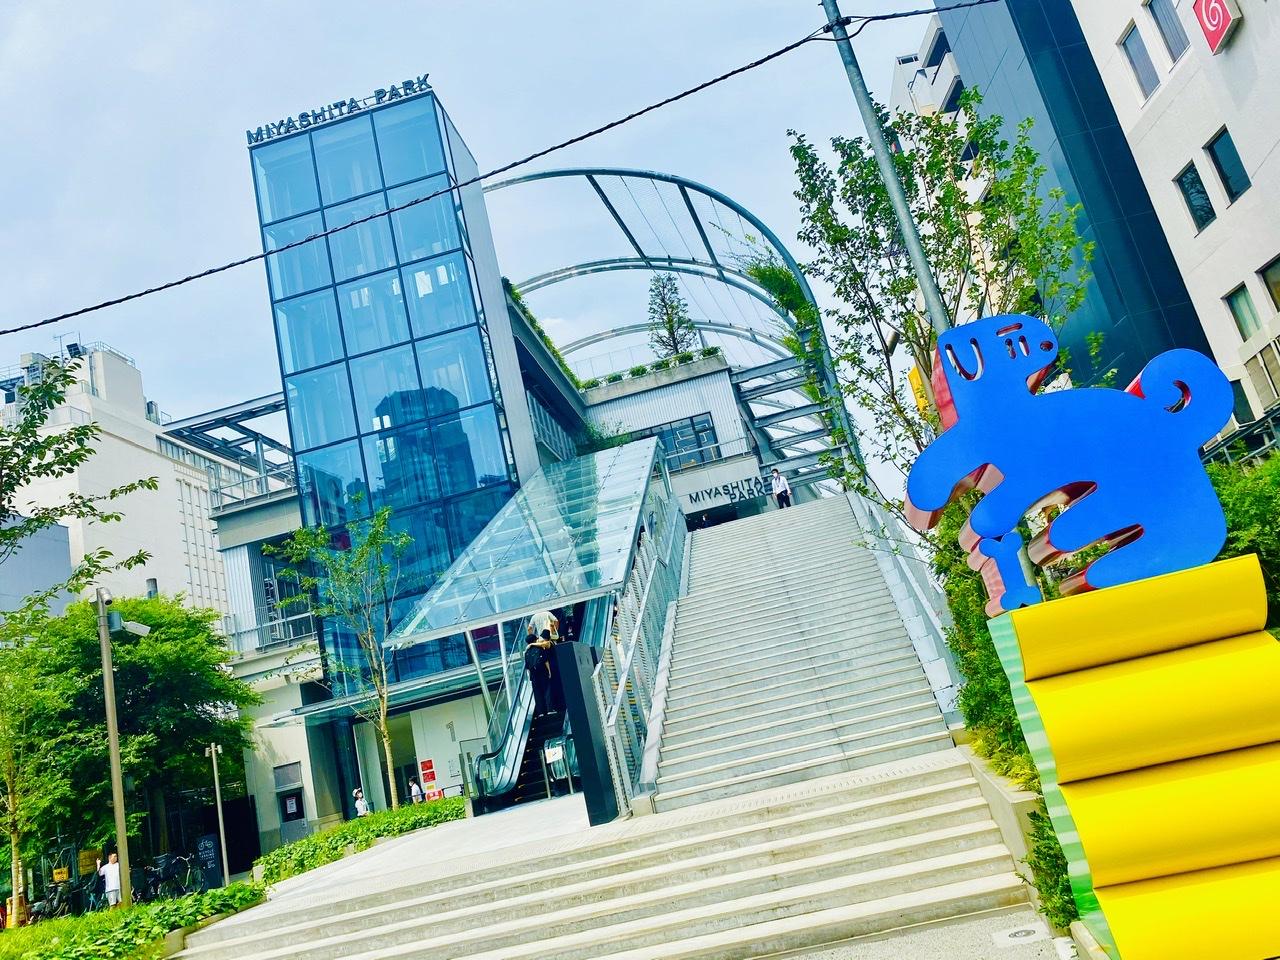 【夏のおでかけ】渋谷に新スポット登場!今話題の《ミヤシタパーク》潜入レポ★_8